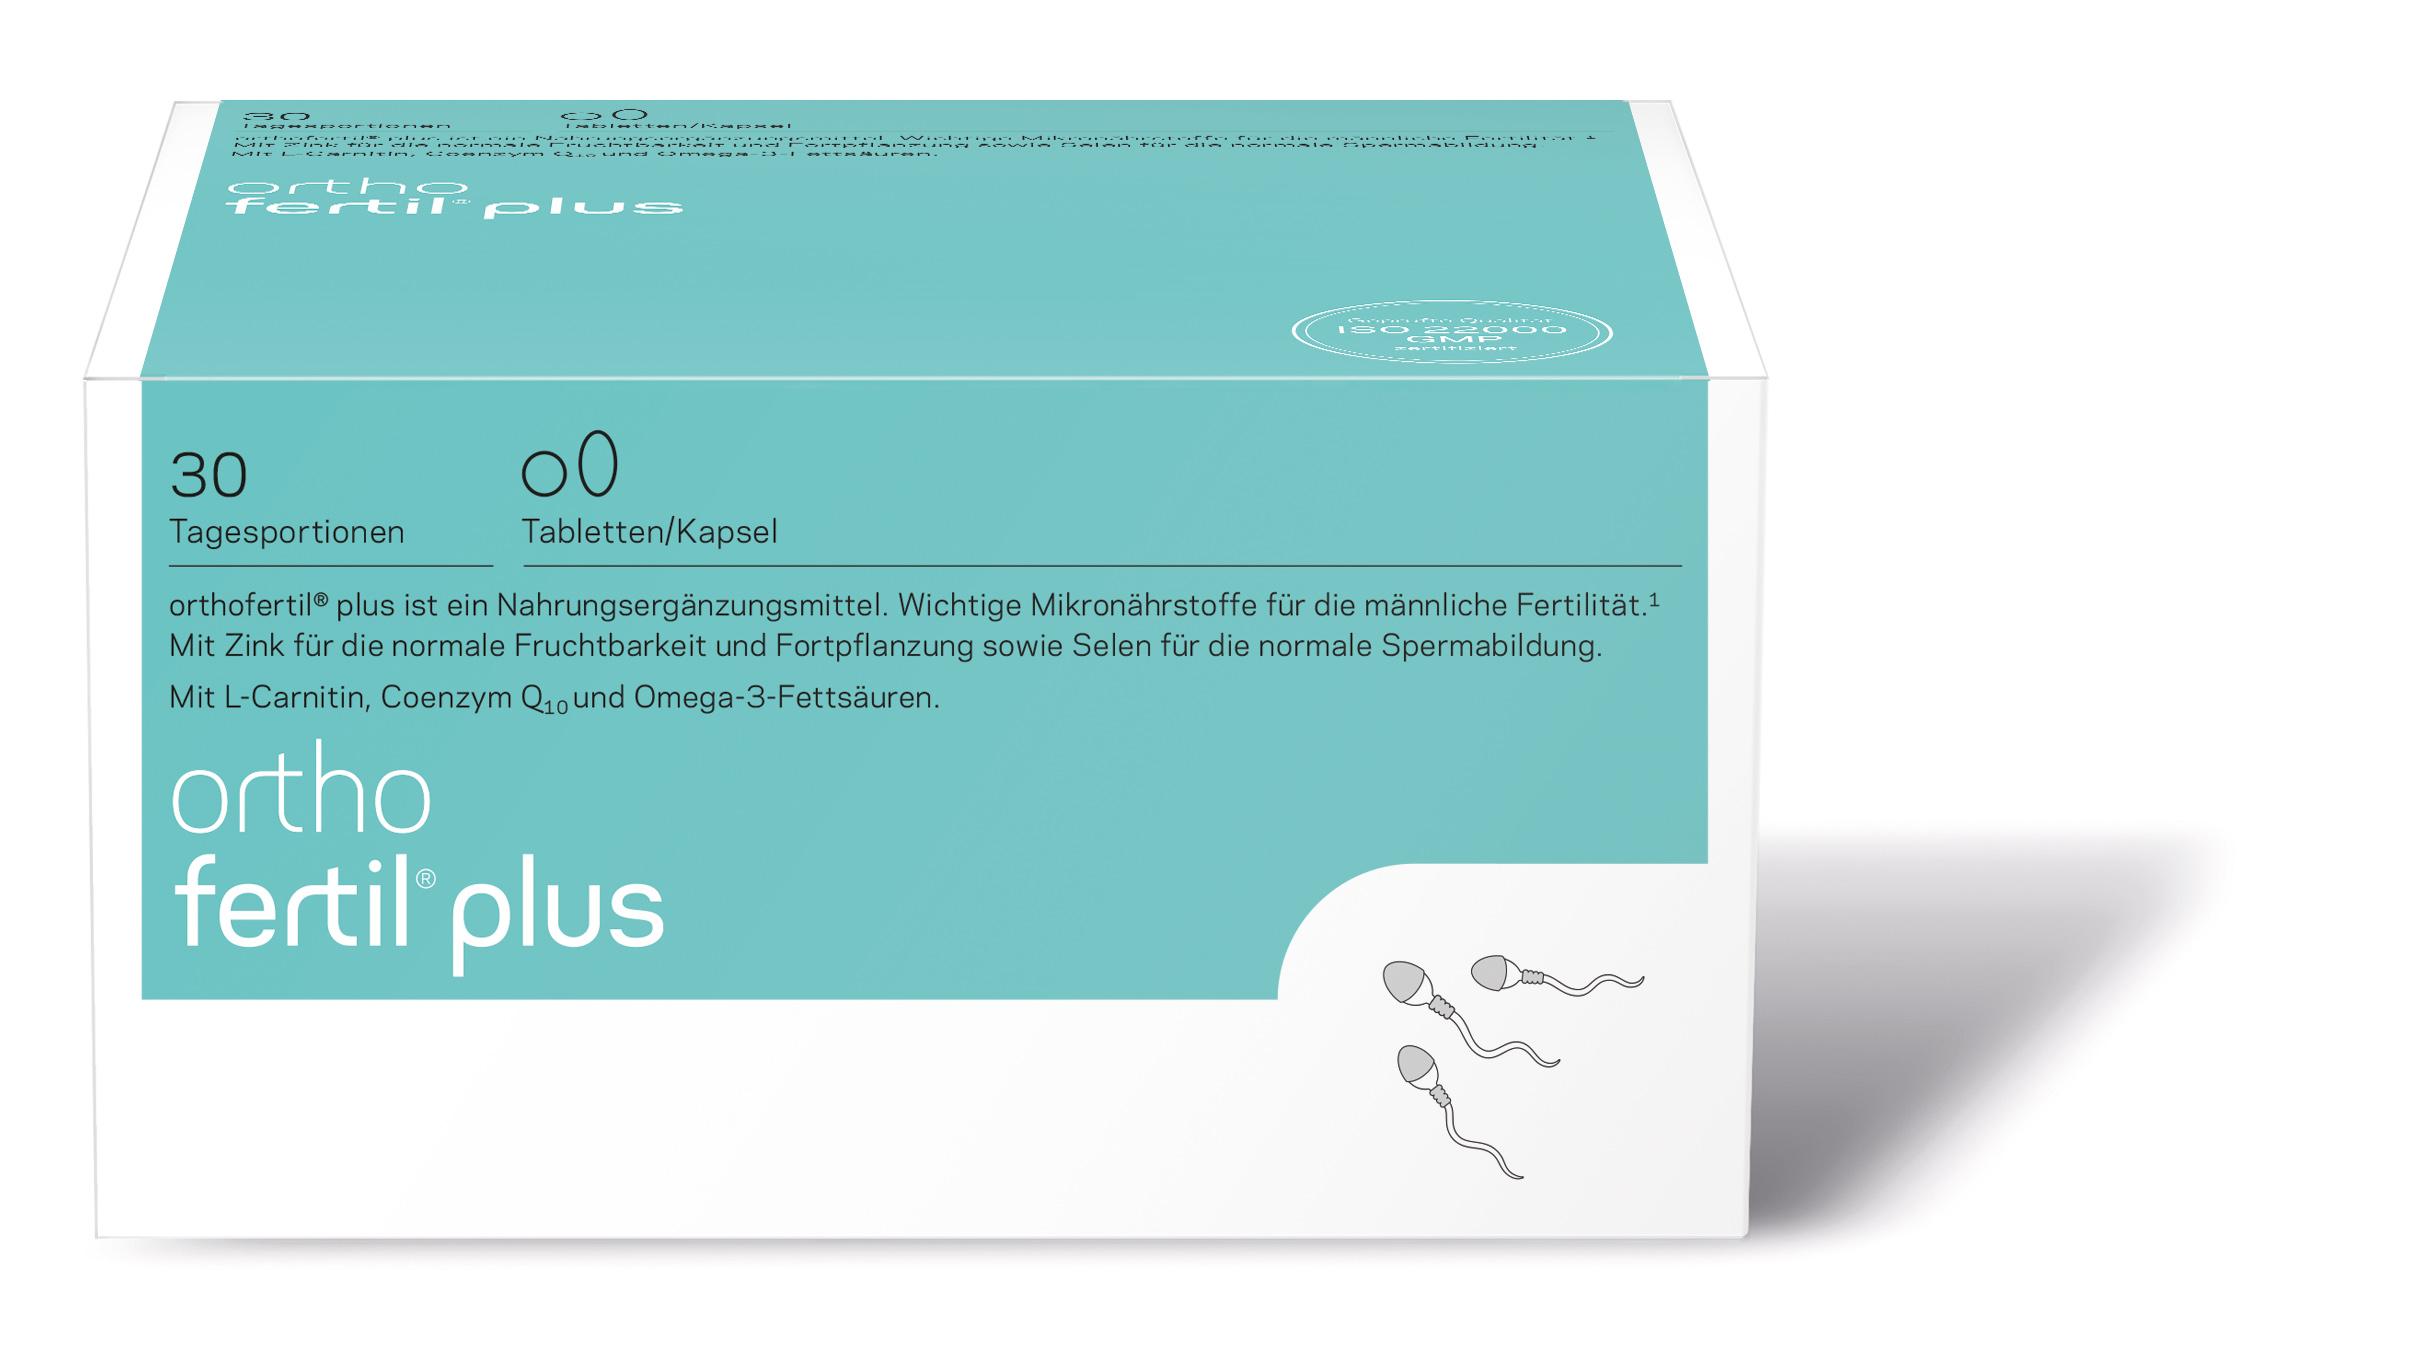 orthomed orthofertil® 30 Tagesportionen (3 Tabletten / 1 Kapsel) (30x 3g = 90g)